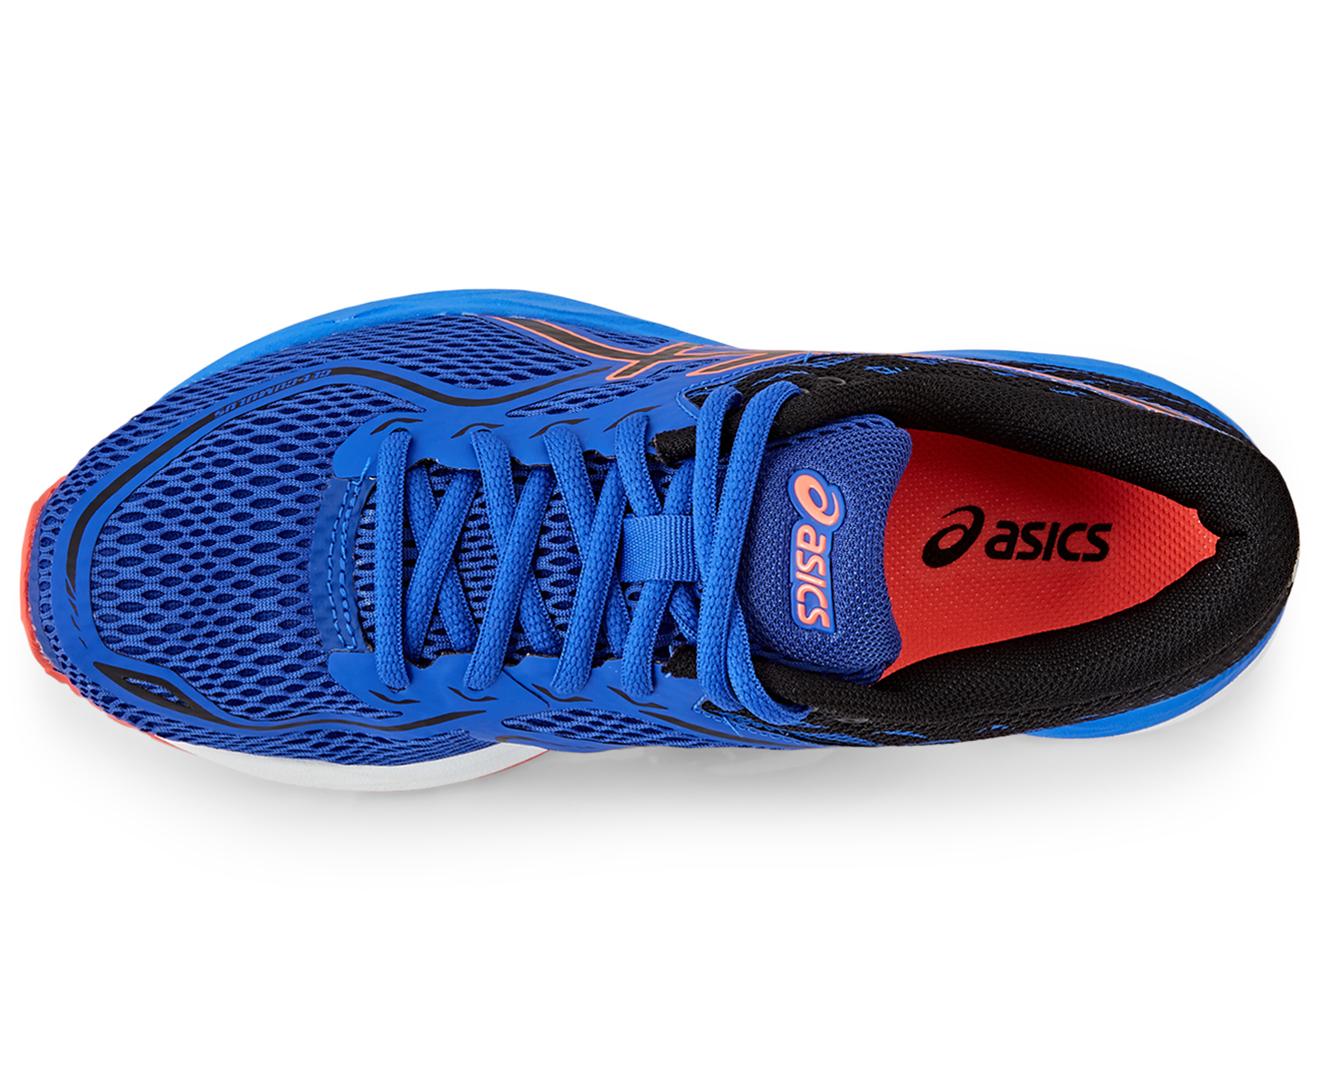 ASICS Chaussure pour scolaire pour enfants GEL 16552 Cumulus Grade 19 Grade Blue Purple/ Black c0108fd - sbsgrp.website